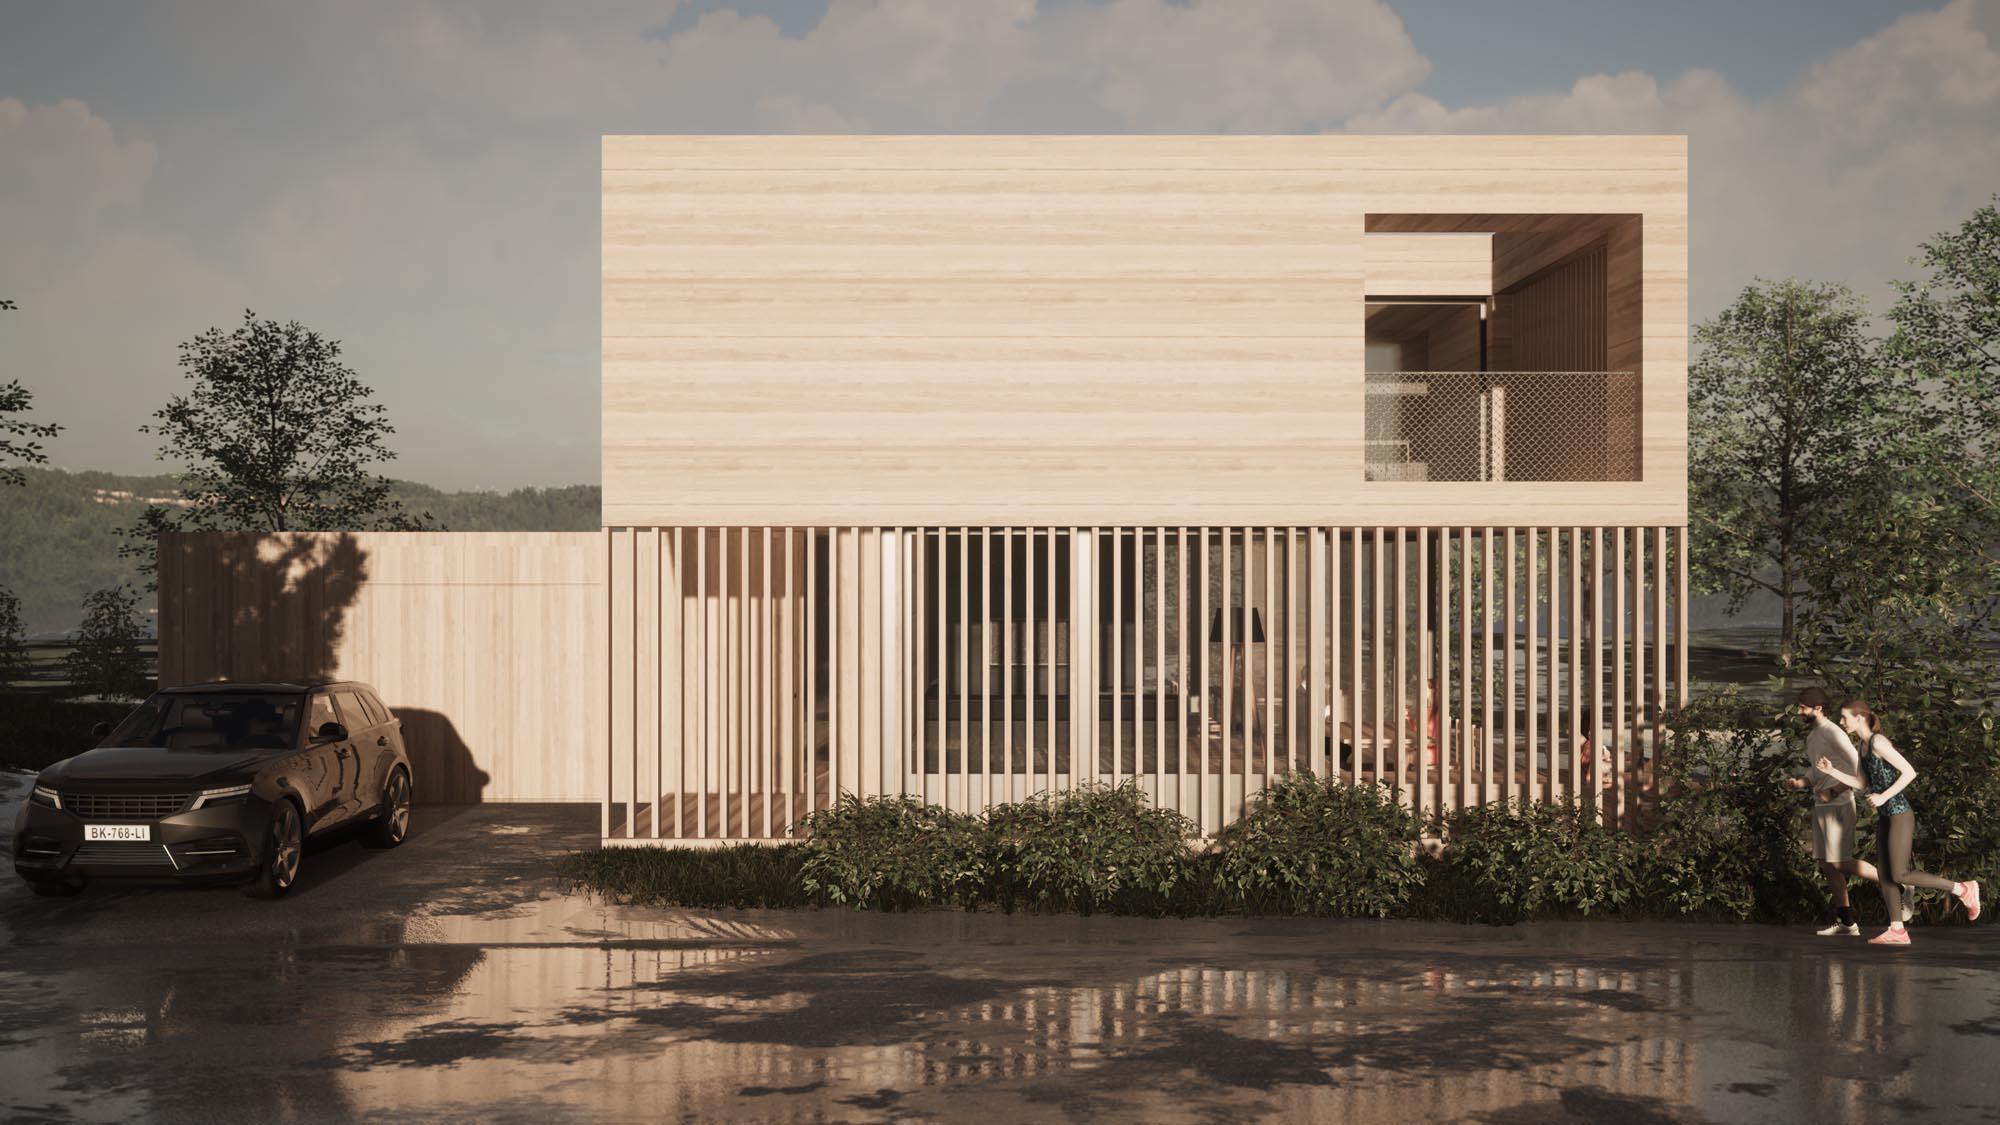 Architektur_Innenarchitektur_Vorarlberg_Alberschwende_Holzbau_Ferienhaus_Design